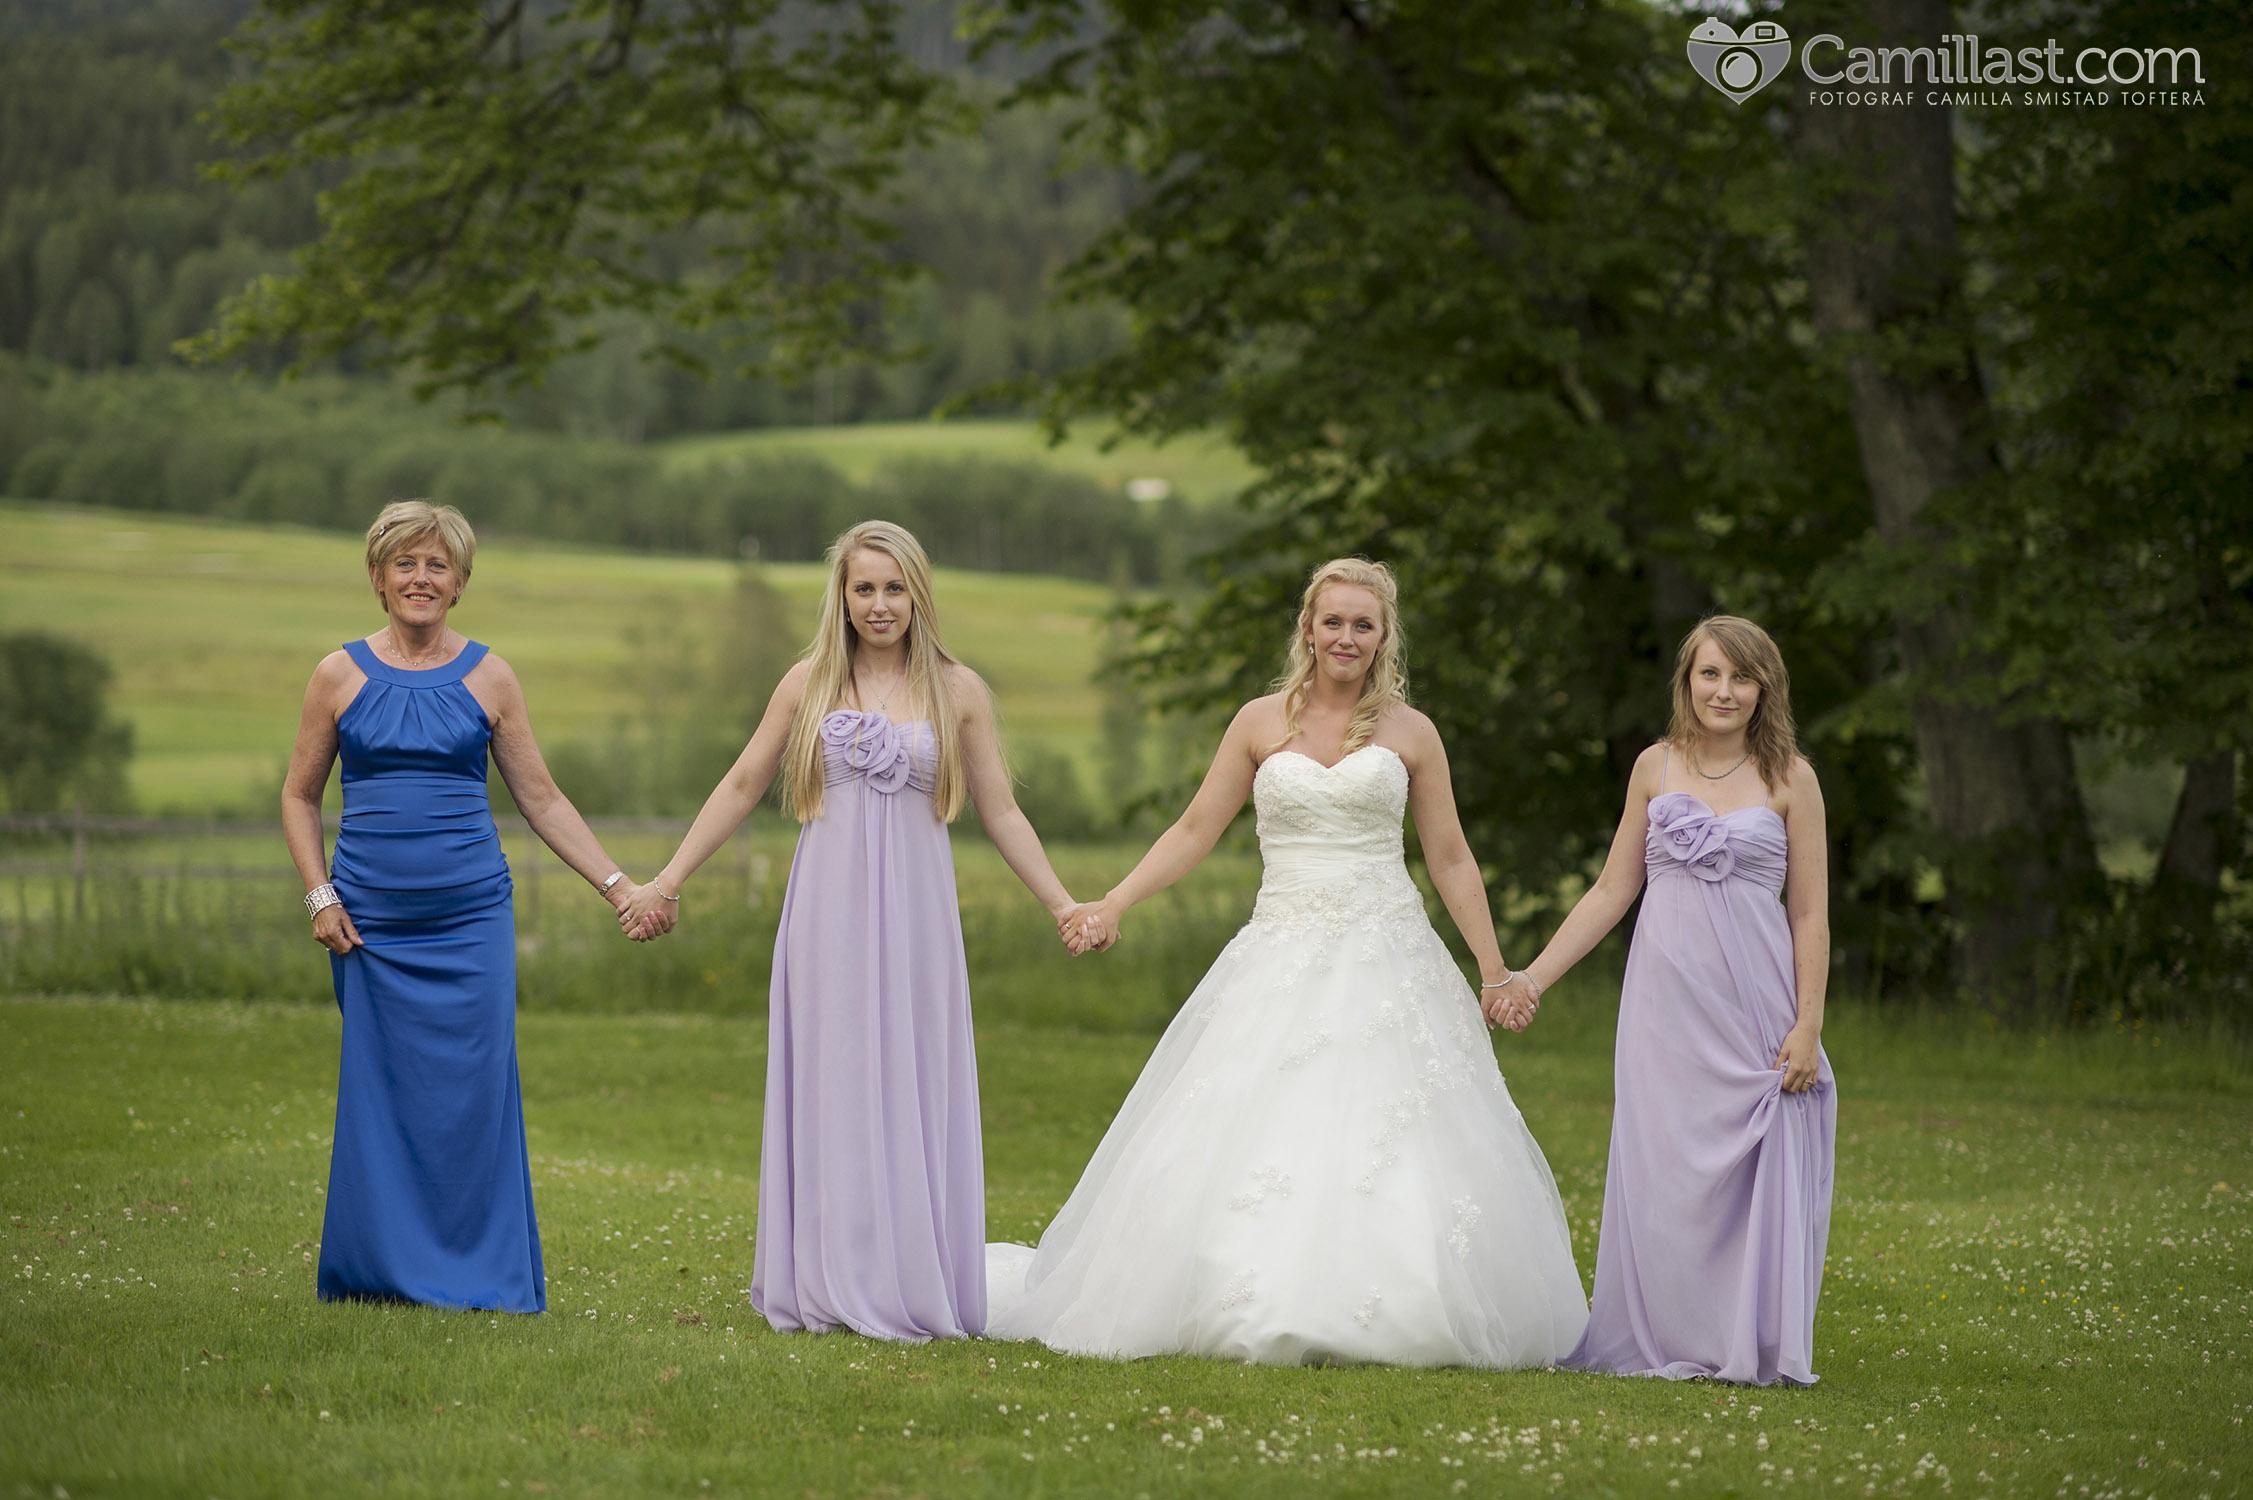 Bryllup Camilla Henrik 20150704Fotograf CamillaST430 copy.jpg